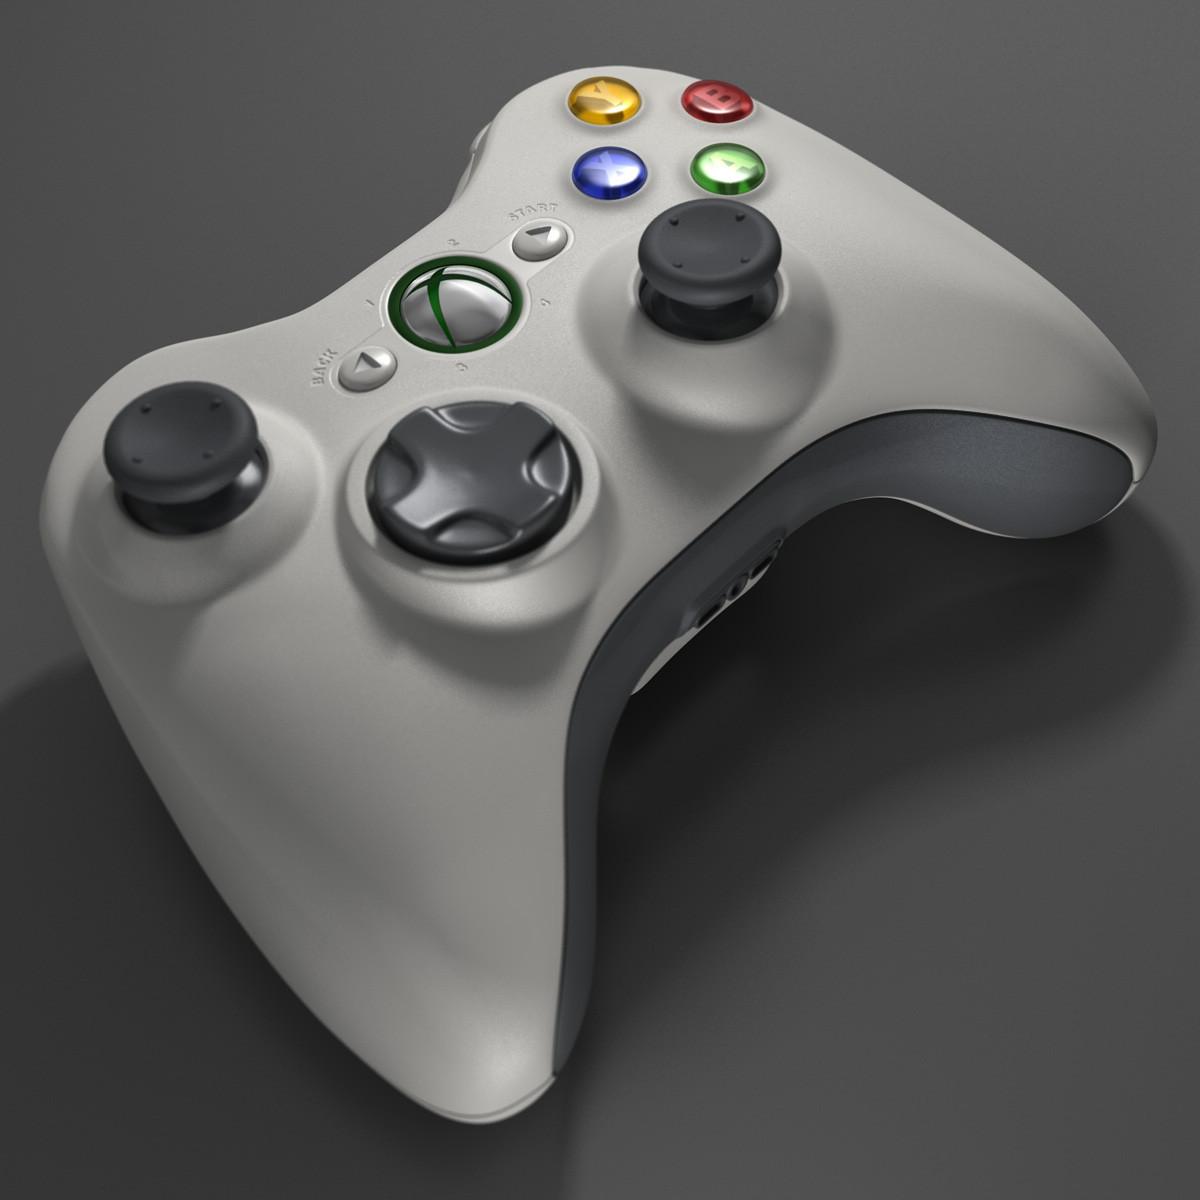 Xbox-360-Controller-Original-1.jpg